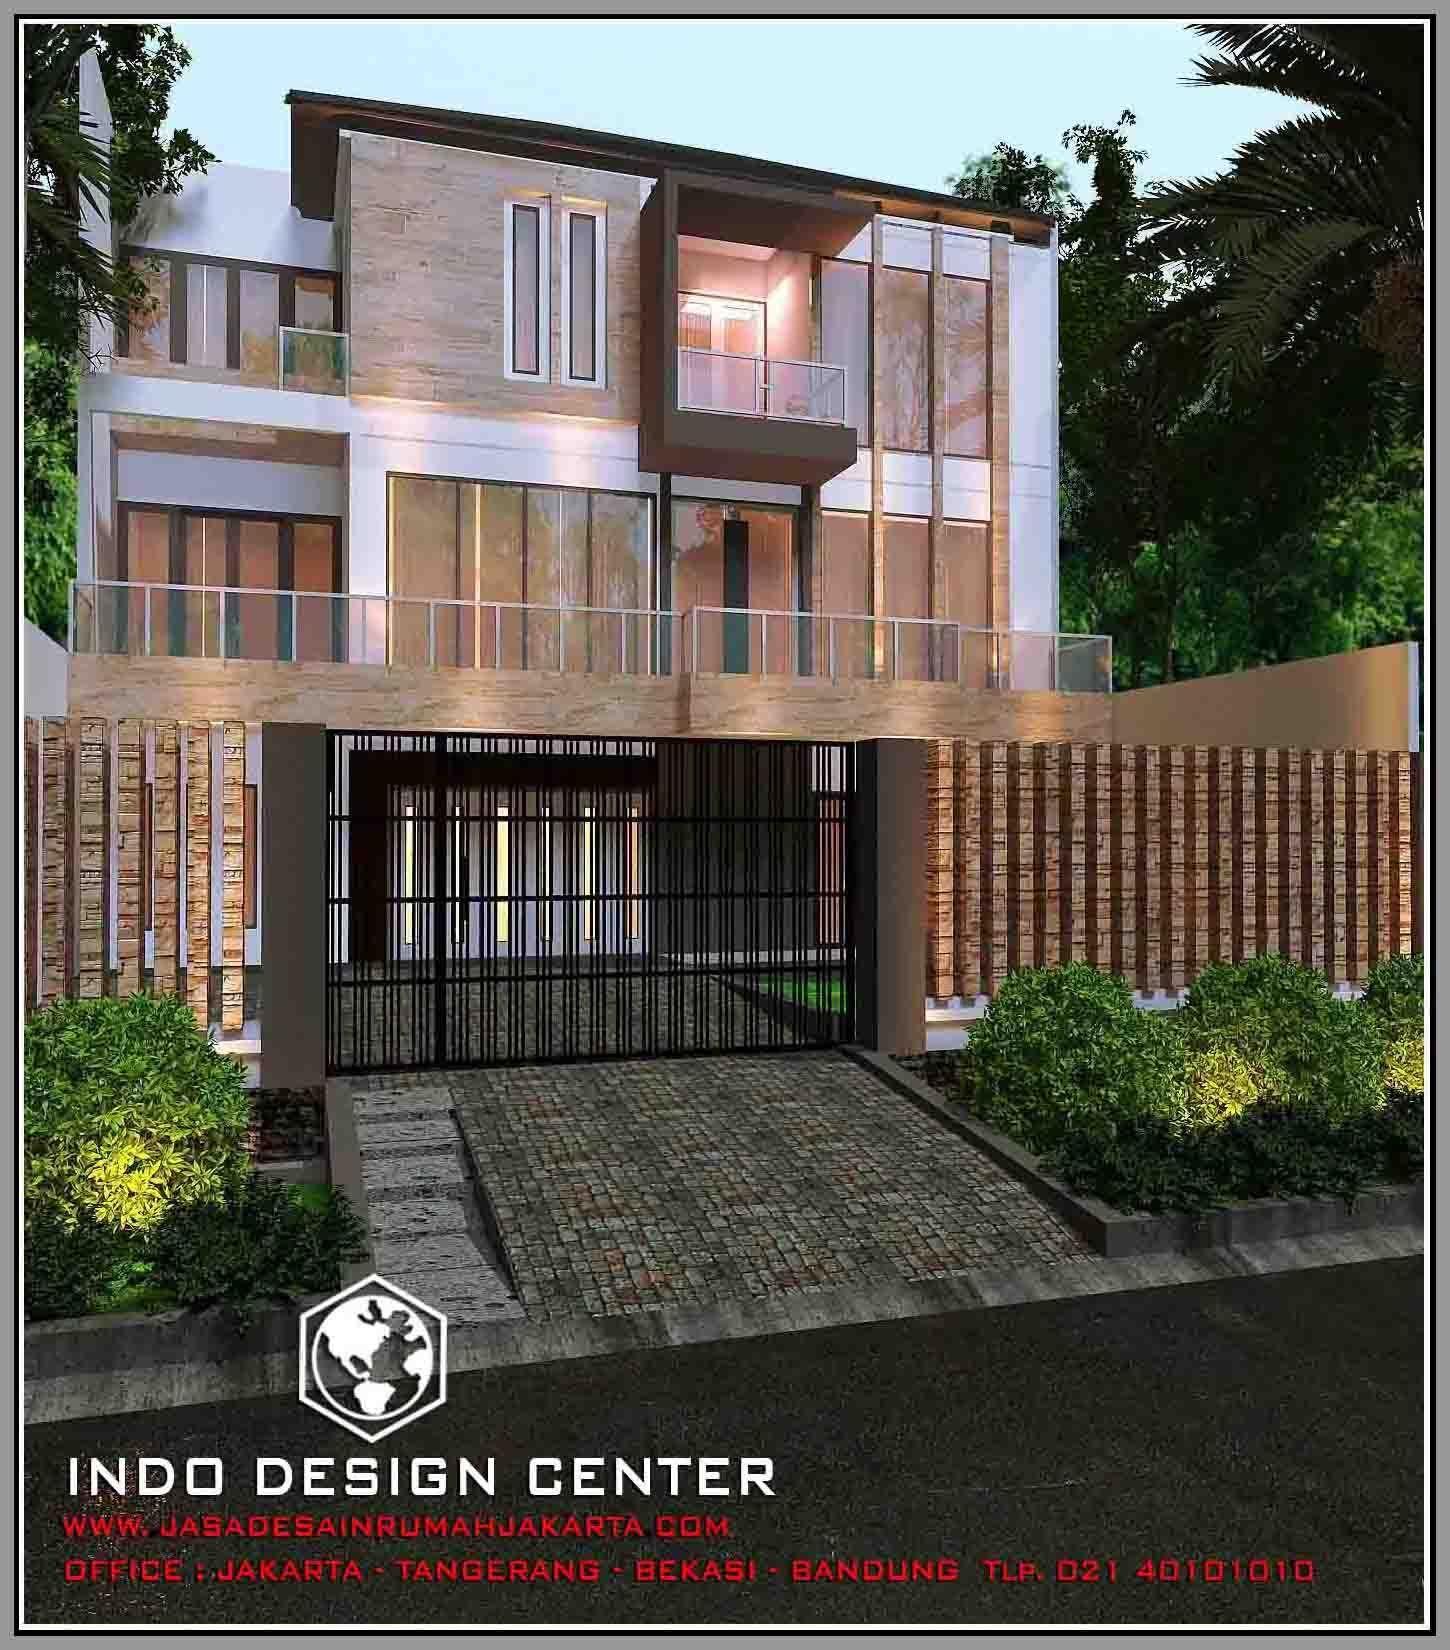 Rumah Minimalis 3 Lantai Tampak 2 Lantai Jasa Desain Rumah Murah